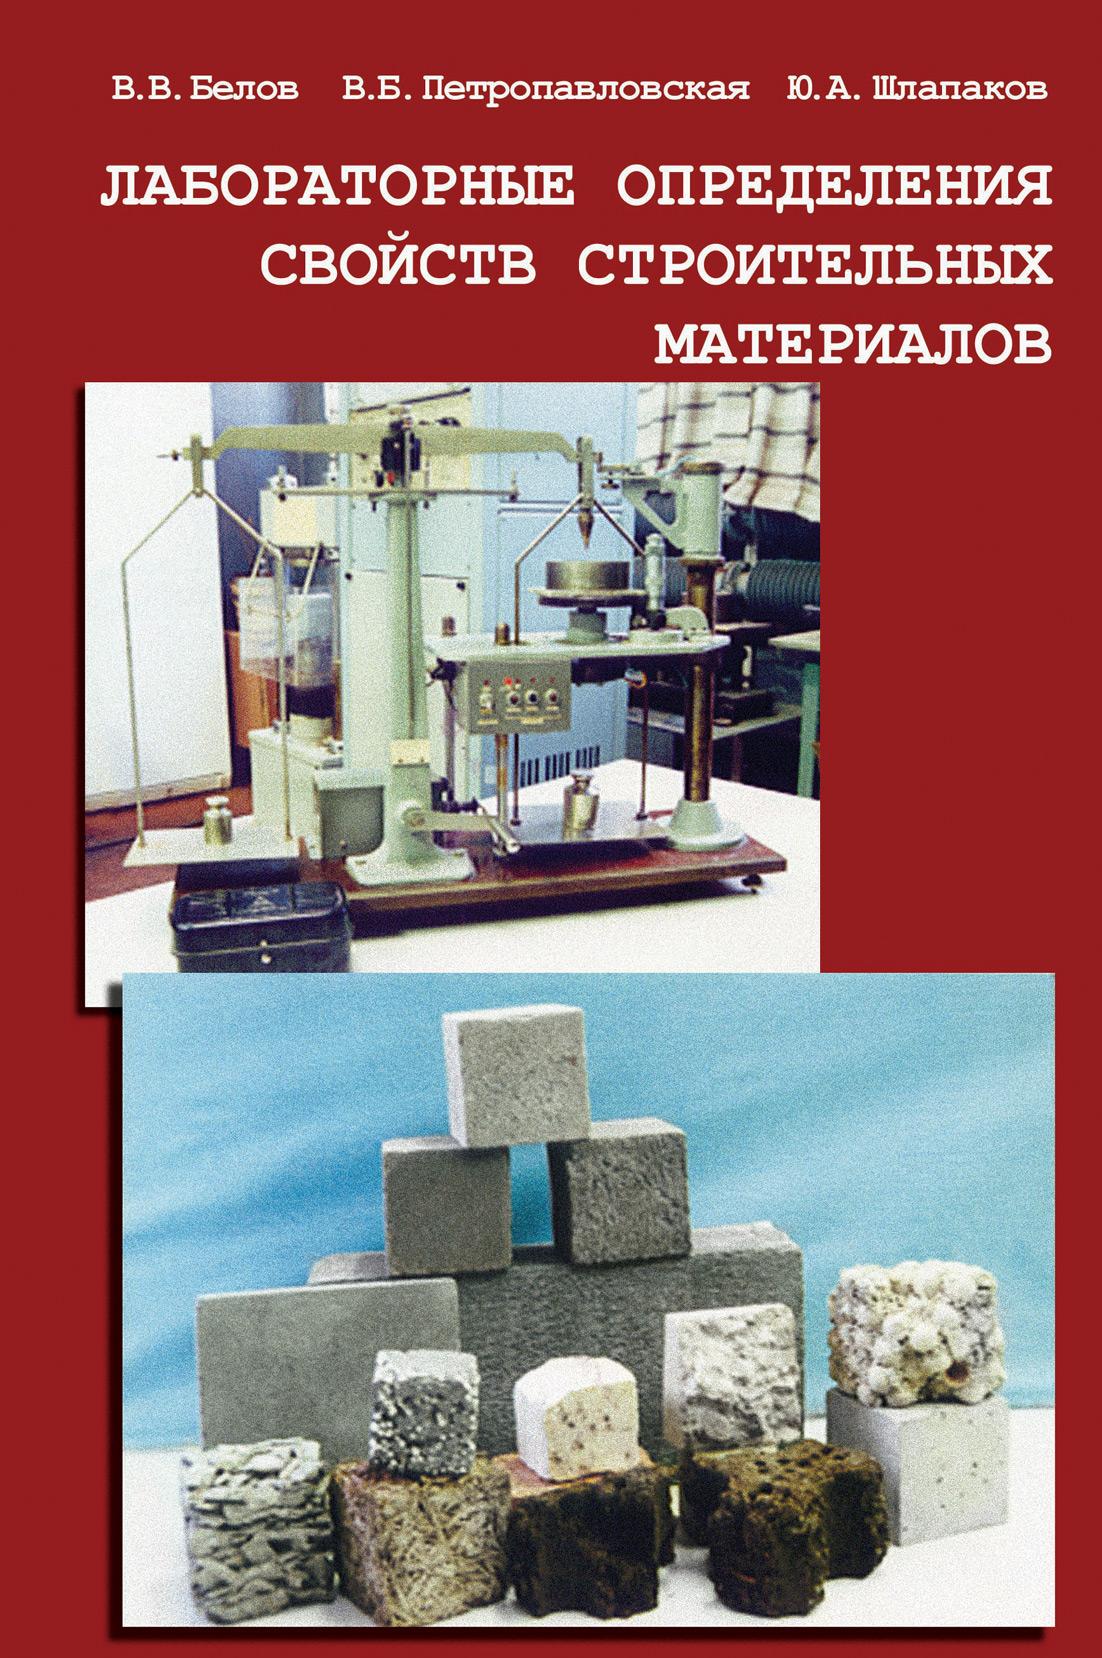 В. Б. Петропавловская Лабораторные определения свойств строительных материалов